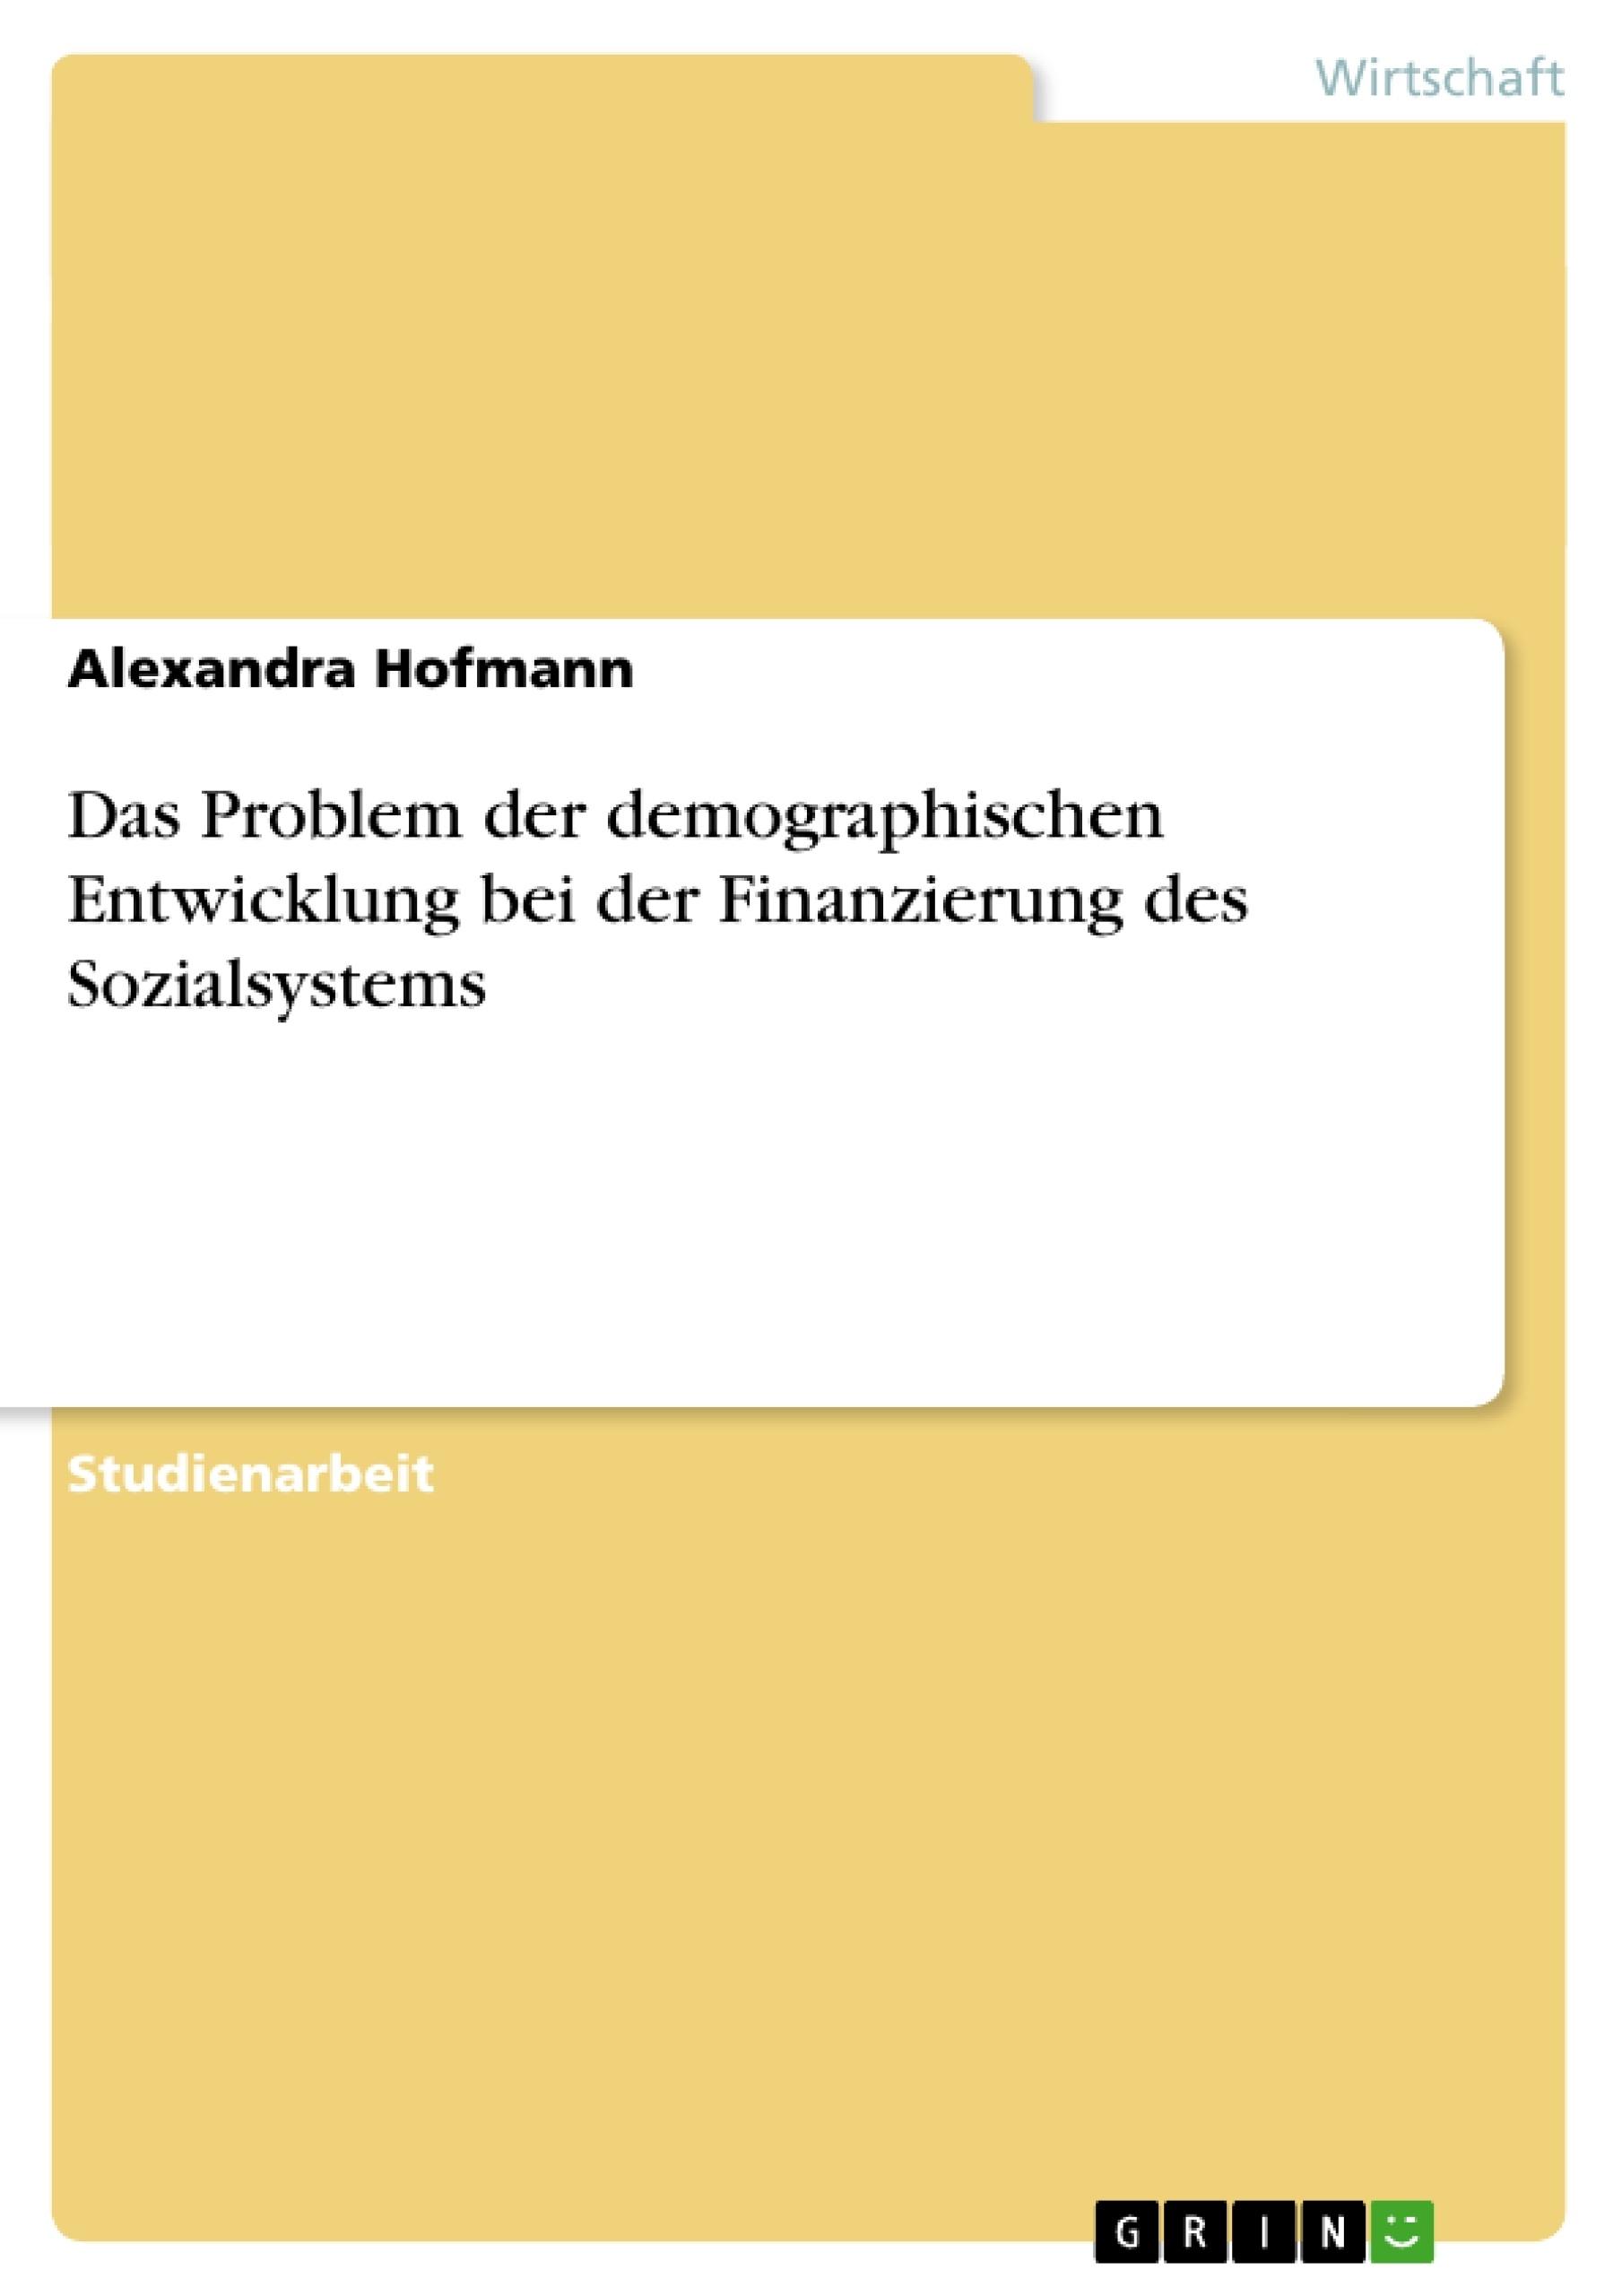 Titel: Das Problem der demographischen Entwicklung bei der Finanzierung des Sozialsystems